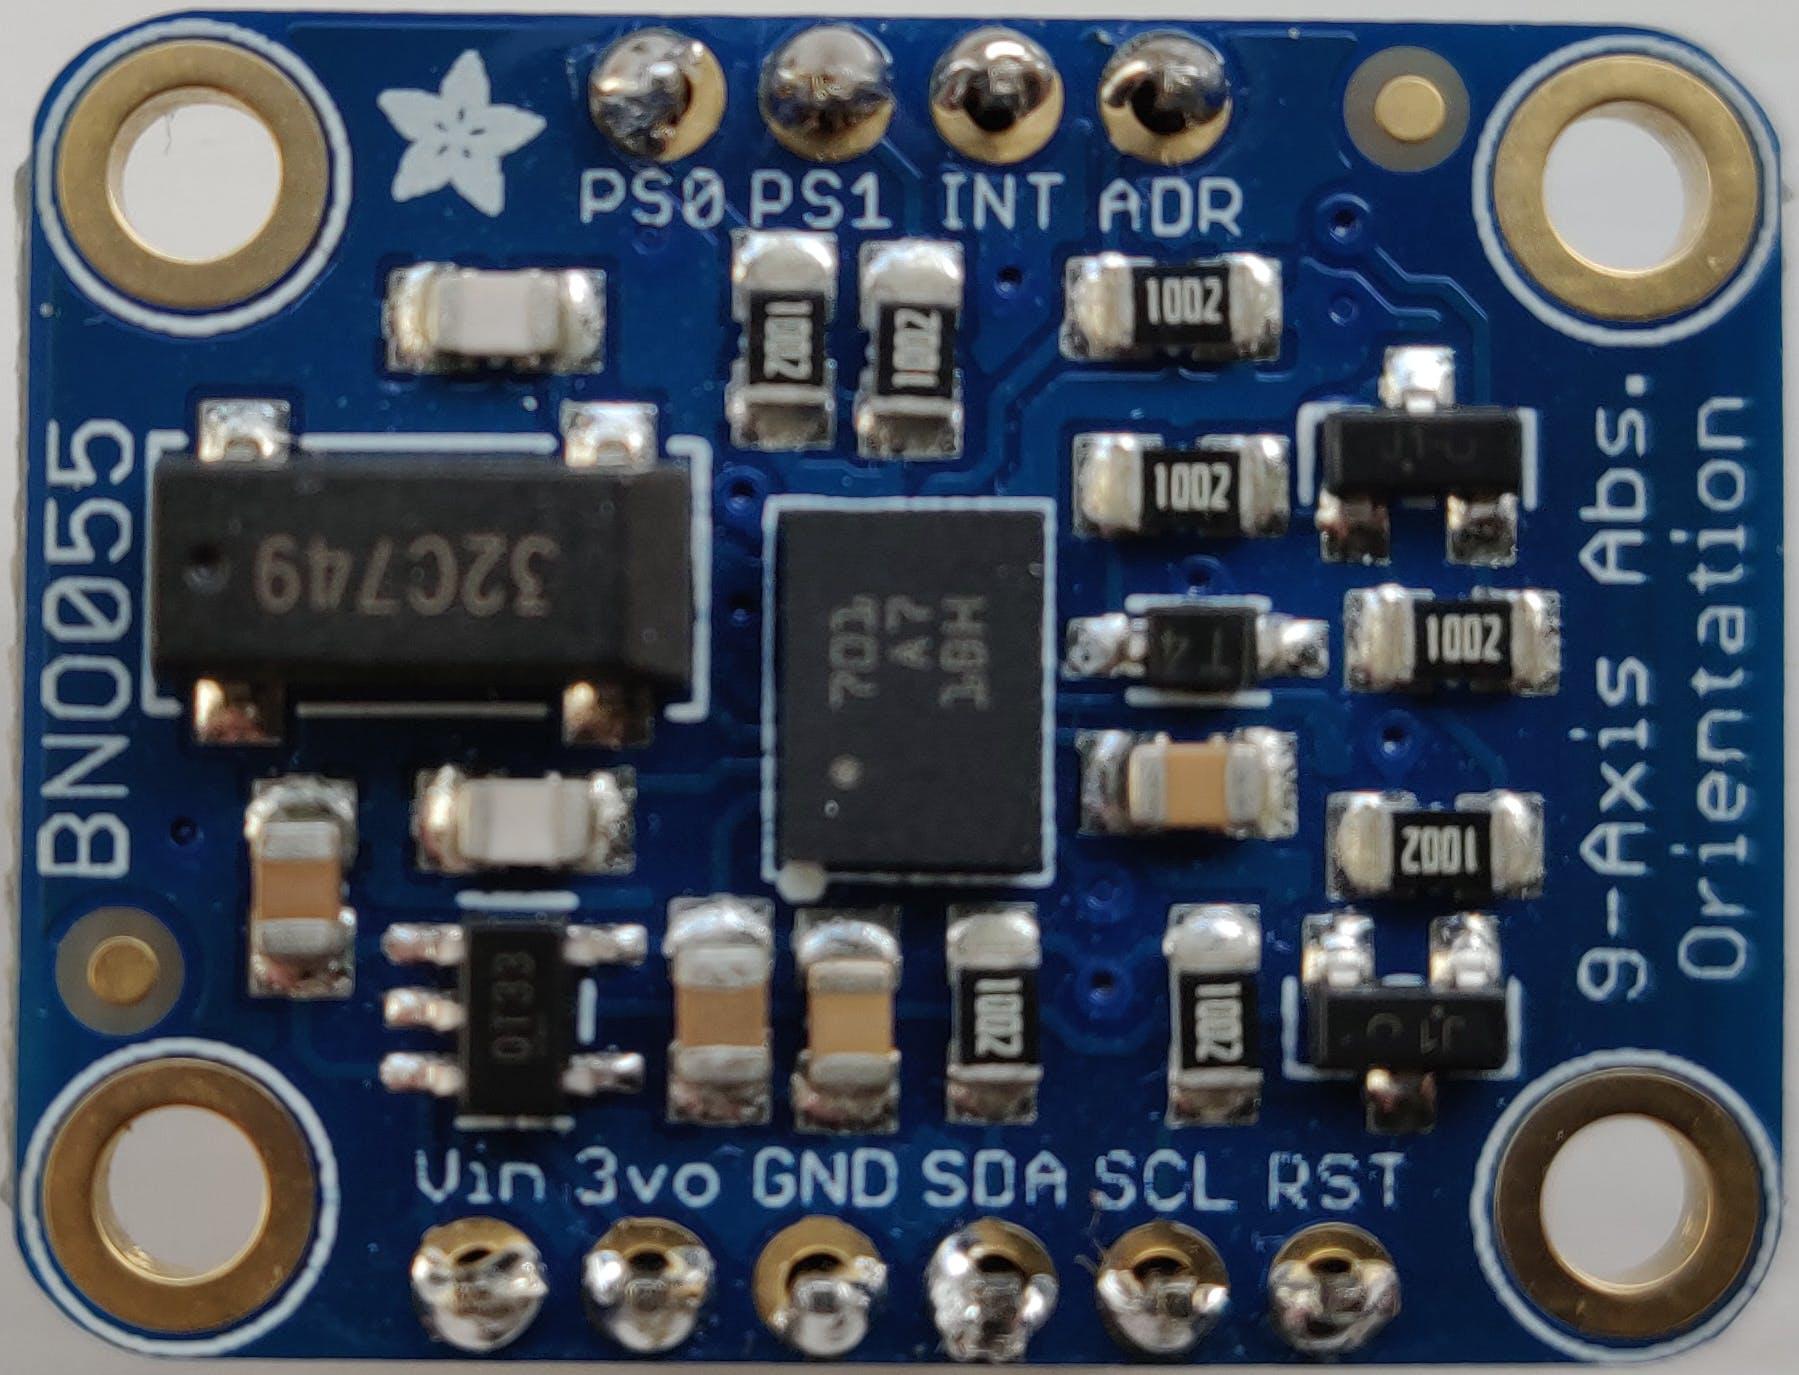 Adafruit breakout board for the Bosch BNO055 absolute orientation sensor